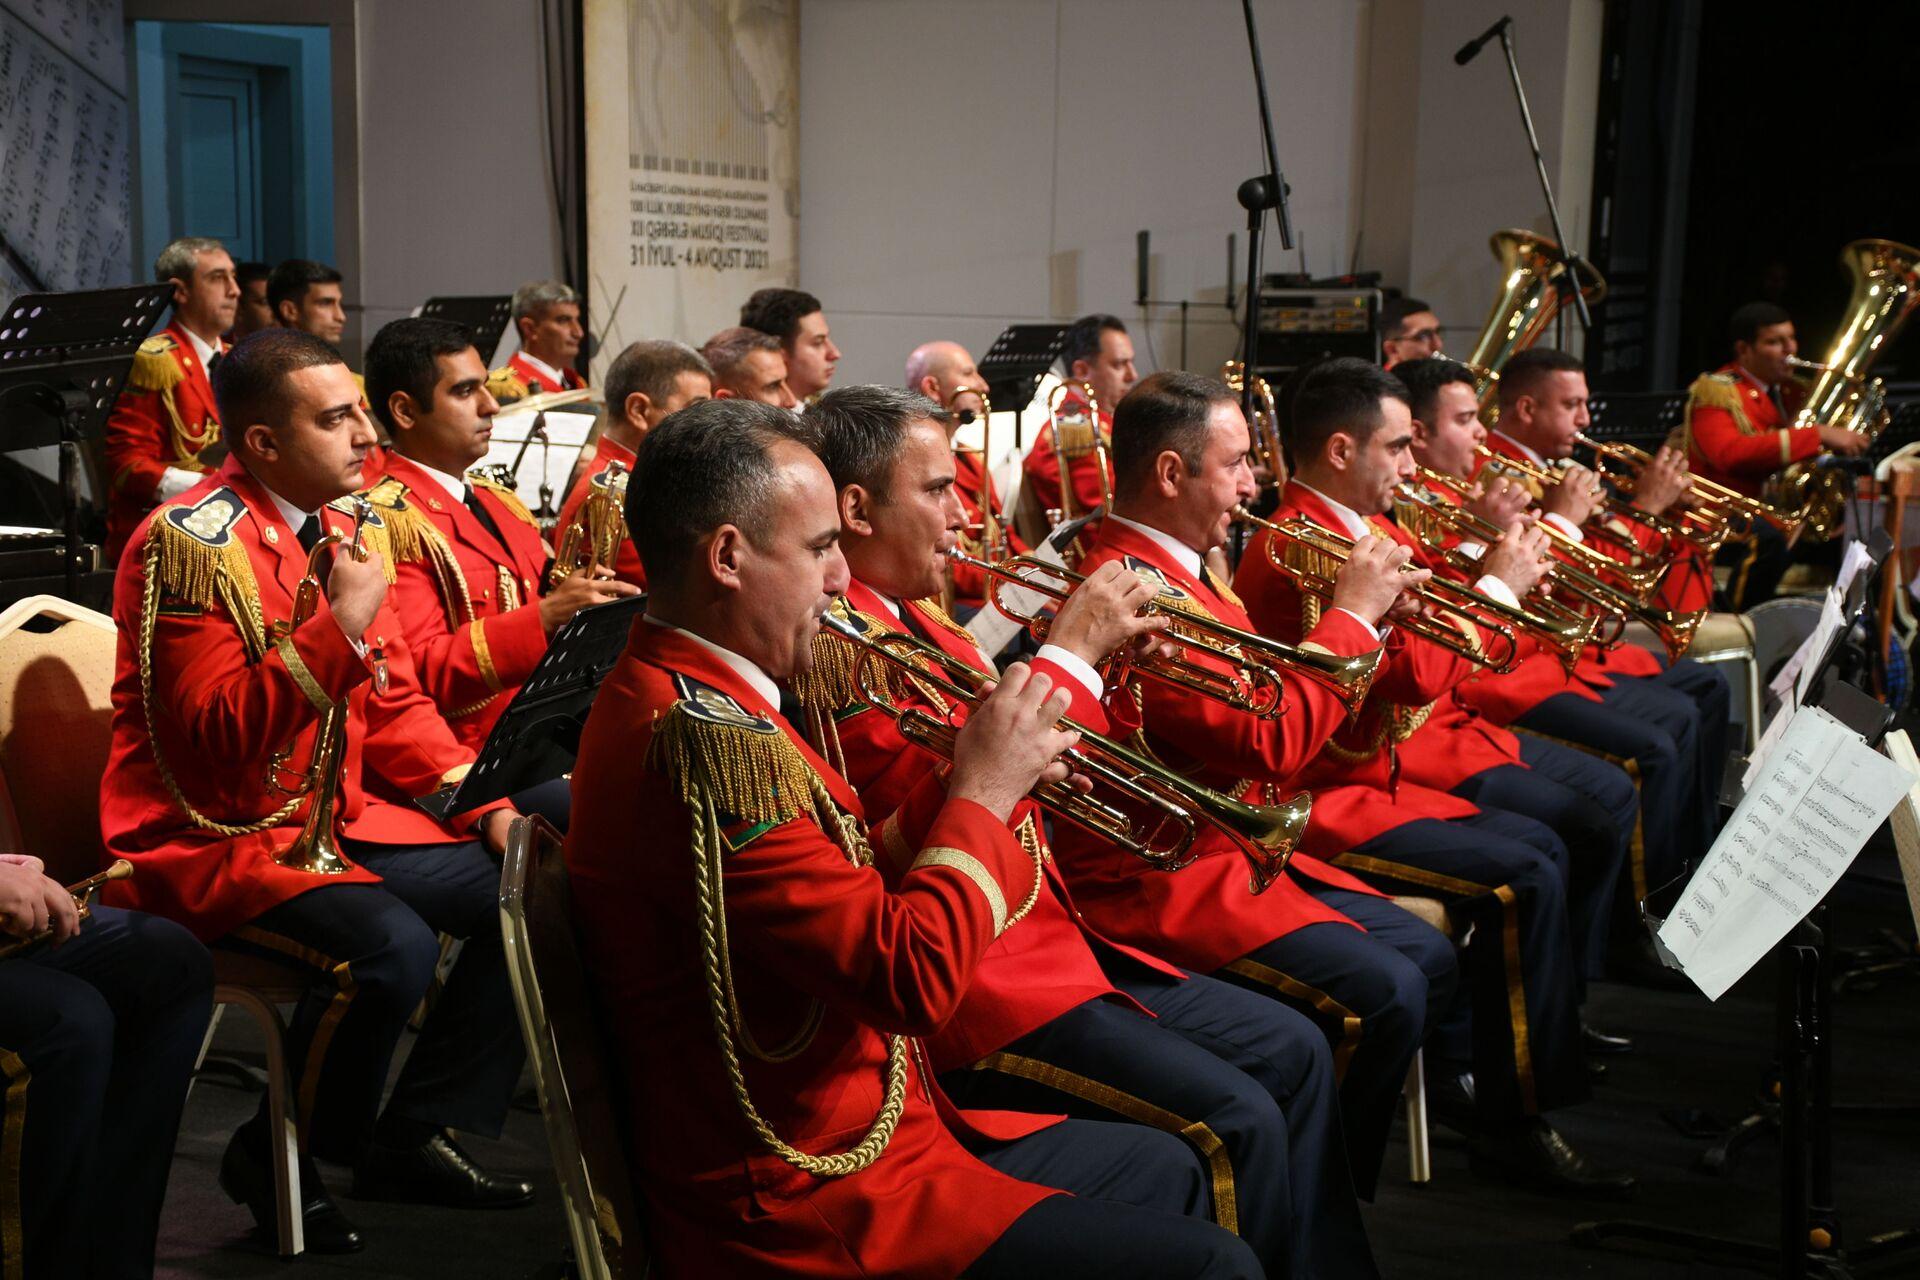 Выступление оркестра на XII Габалинском музыкальном фестивале - Sputnik Азербайджан, 1920, 01.10.2021